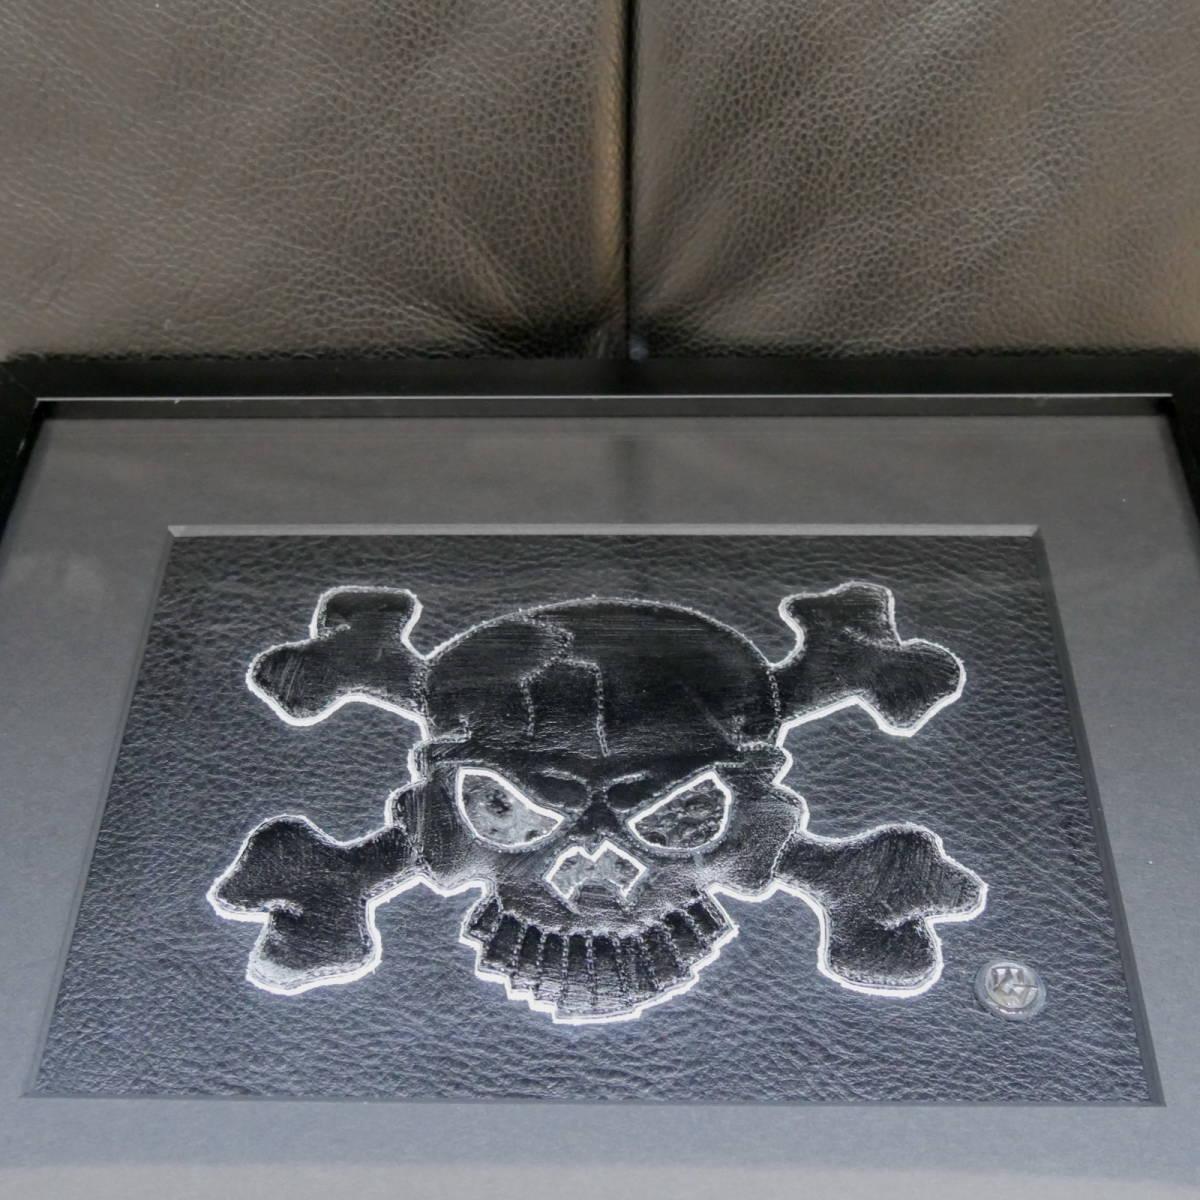 """【新品】TRAVIS WALKER トラヴィスワーカー レザーアート """"THE BLACK FLAG 05"""" 1OF1 限定 10 2005年 サイン入り 額装品 オマケ多数付"""